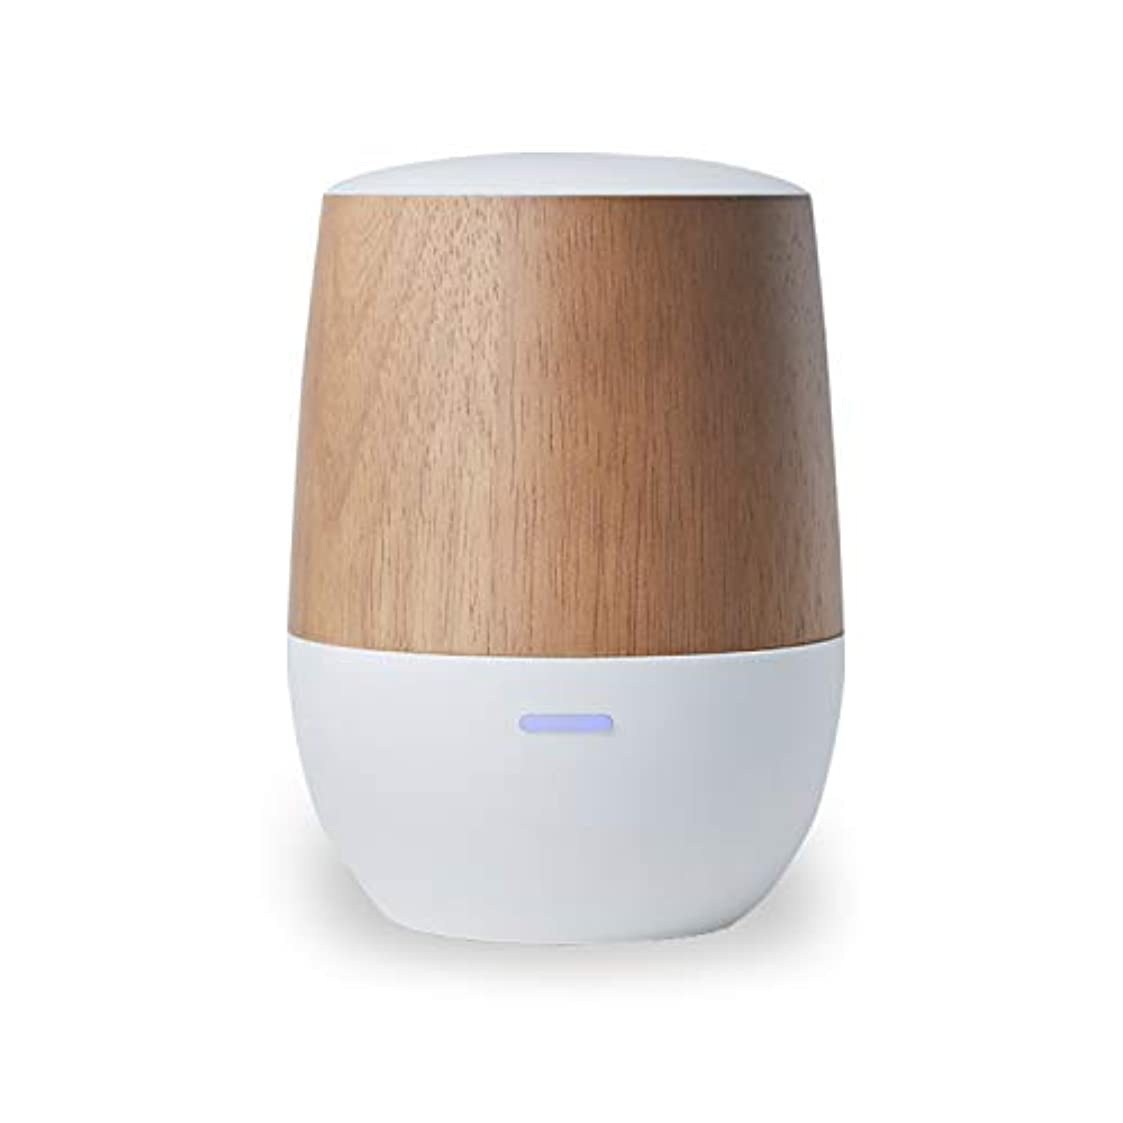 性格意図的きょうだいLOWYA アロマディフューザー 水を使わない ネプライザー式 USB 木目 小型 1年保証 アロマオイル対応 ホワイト/ウッド